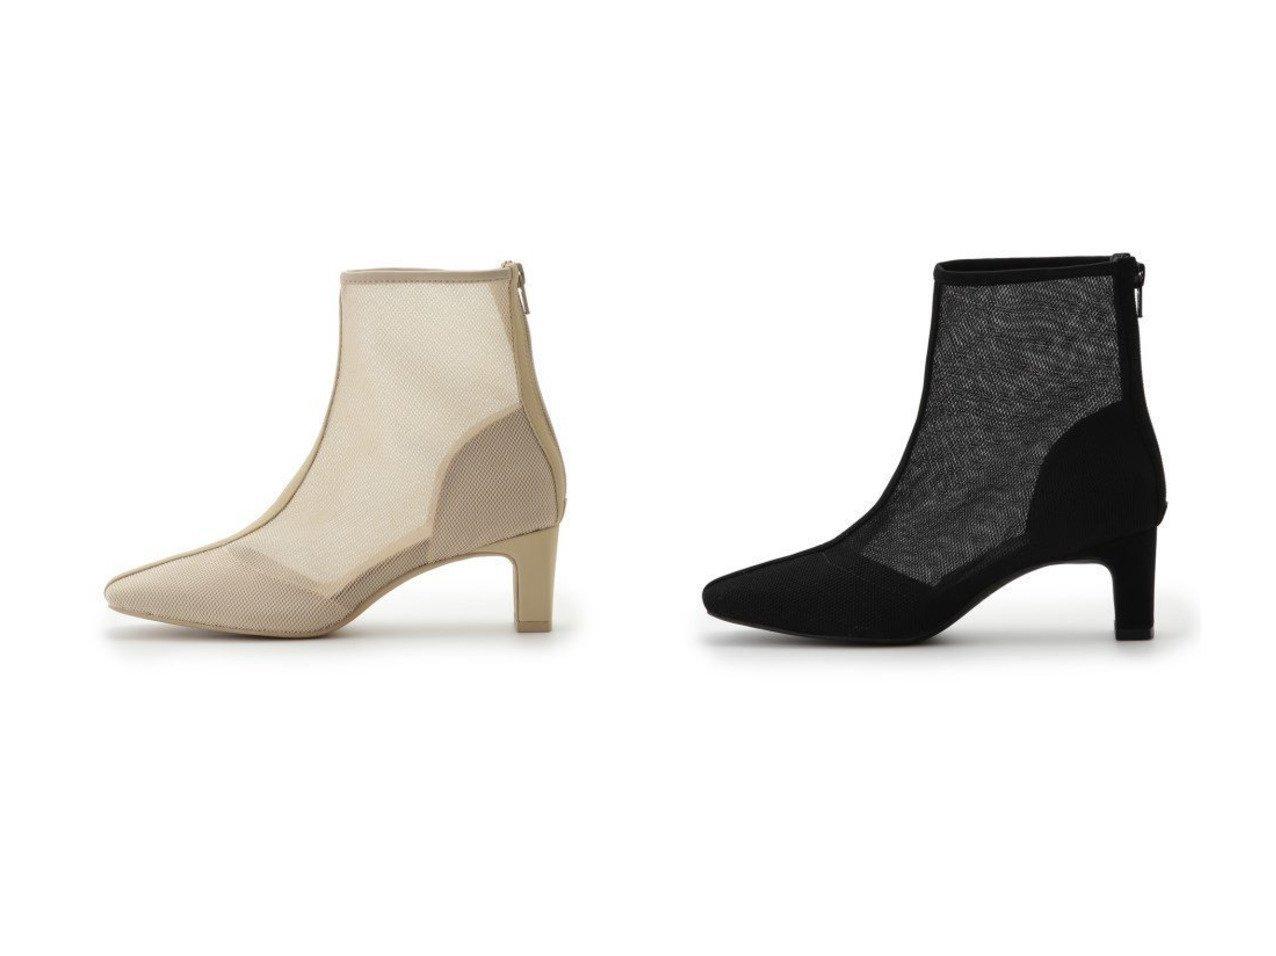 【SNIDEL/スナイデル】のバリエショートブーツ シューズ・靴のおすすめ!人気、トレンド・レディースファッションの通販 おすすめで人気の流行・トレンド、ファッションの通販商品 メンズファッション・キッズファッション・インテリア・家具・レディースファッション・服の通販 founy(ファニー) https://founy.com/ ファッション Fashion レディースファッション WOMEN 春 Spring シューズ ショート スマート センター 人気 バランス フロント メッシュ 再入荷 Restock/Back in Stock/Re Arrival |ID:crp329100000023912